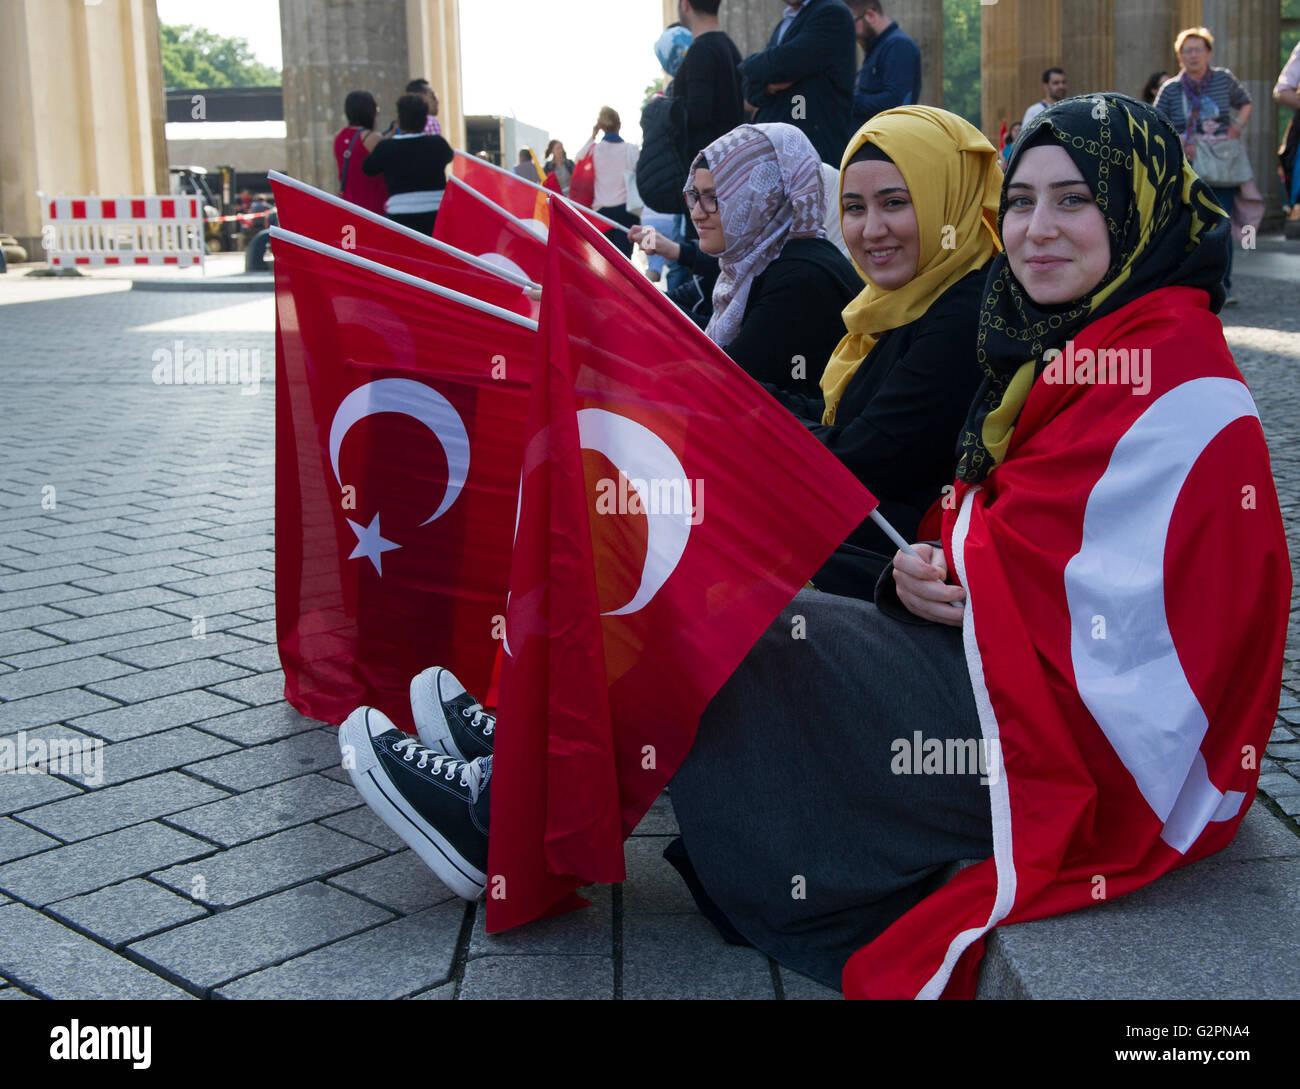 Türkische single frauen berlin Newsticker überregional - Mannheimer Morgen